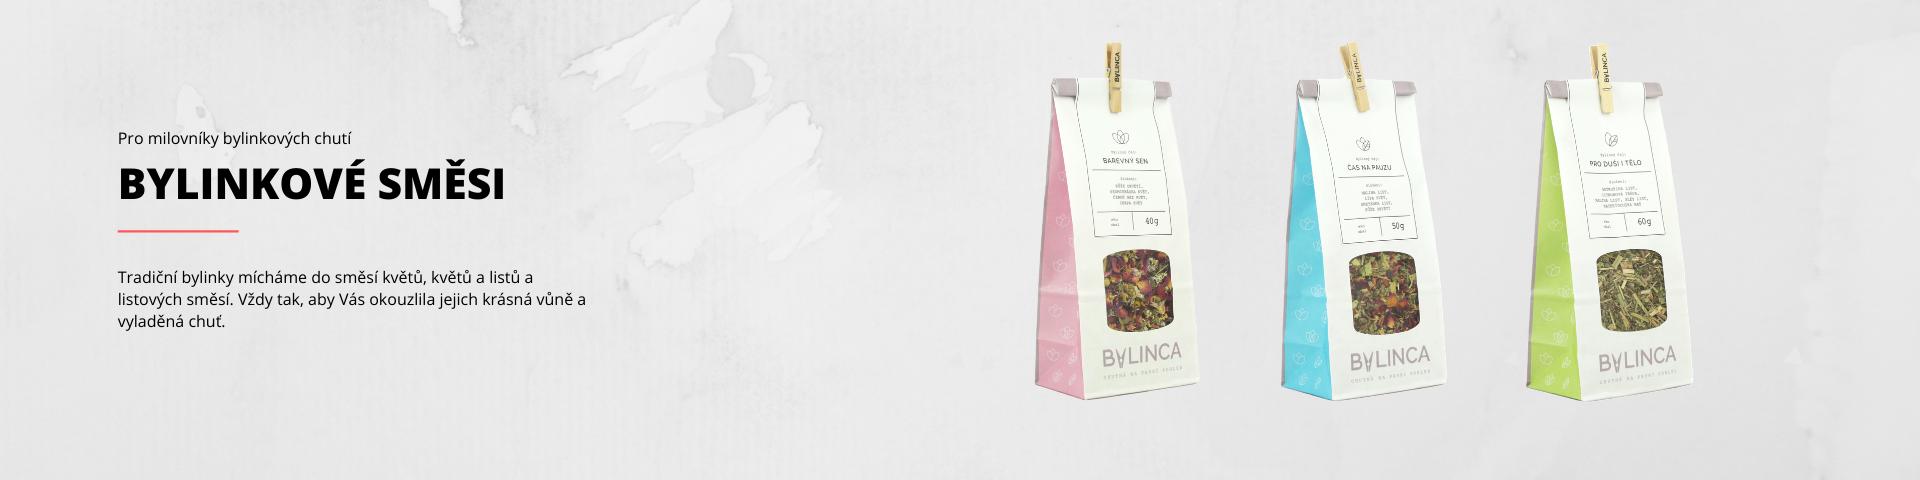 BYLINCA - bylinkové směsi